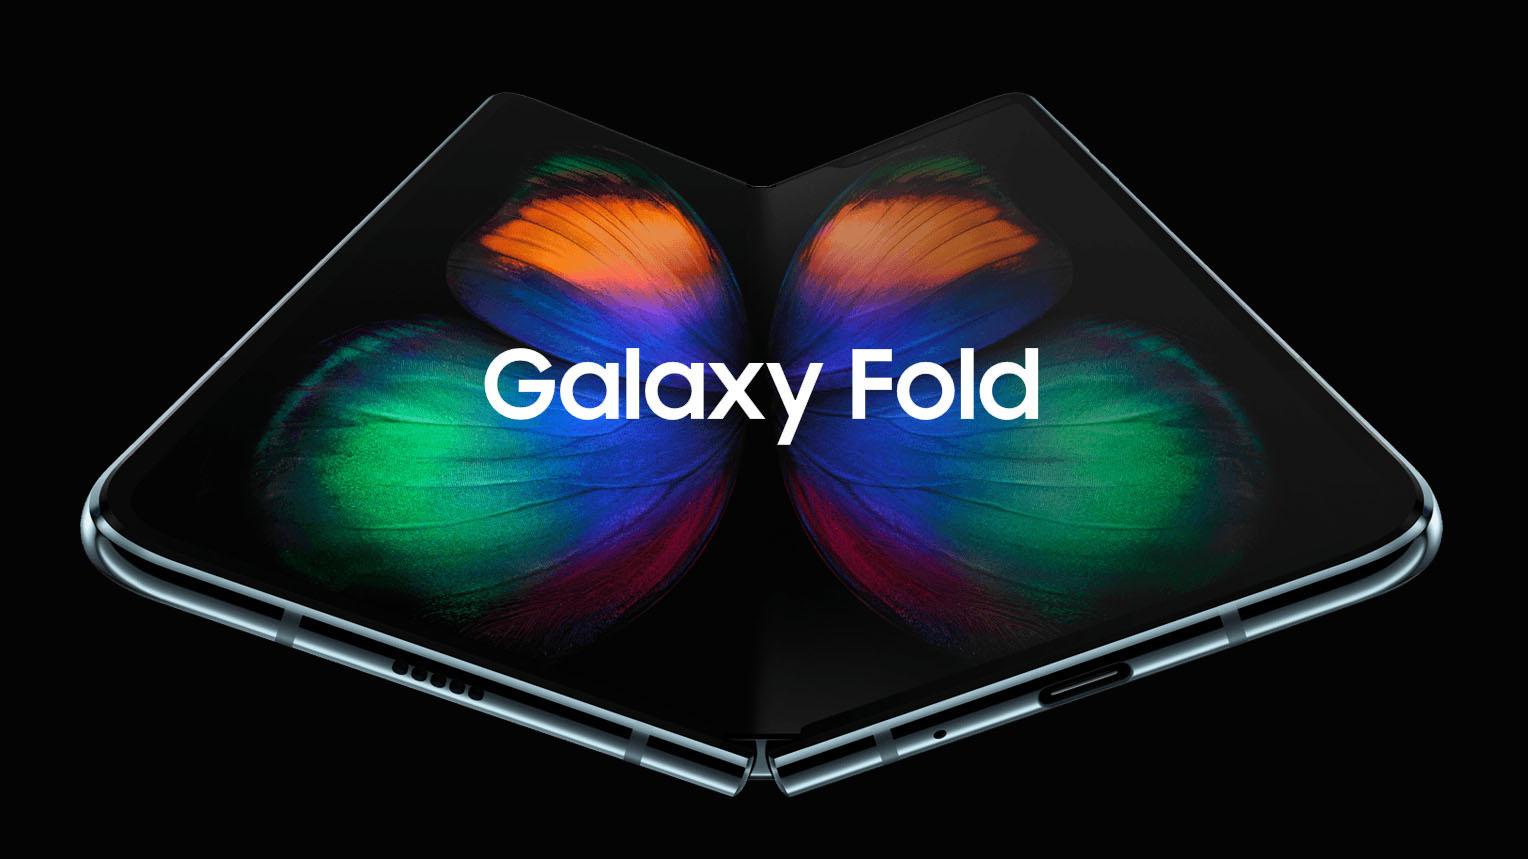 Galaxy Fold: smartphone màn hình gập đầu tiên của Samsung chính thức ra mắt, giá 46 triệu đồng